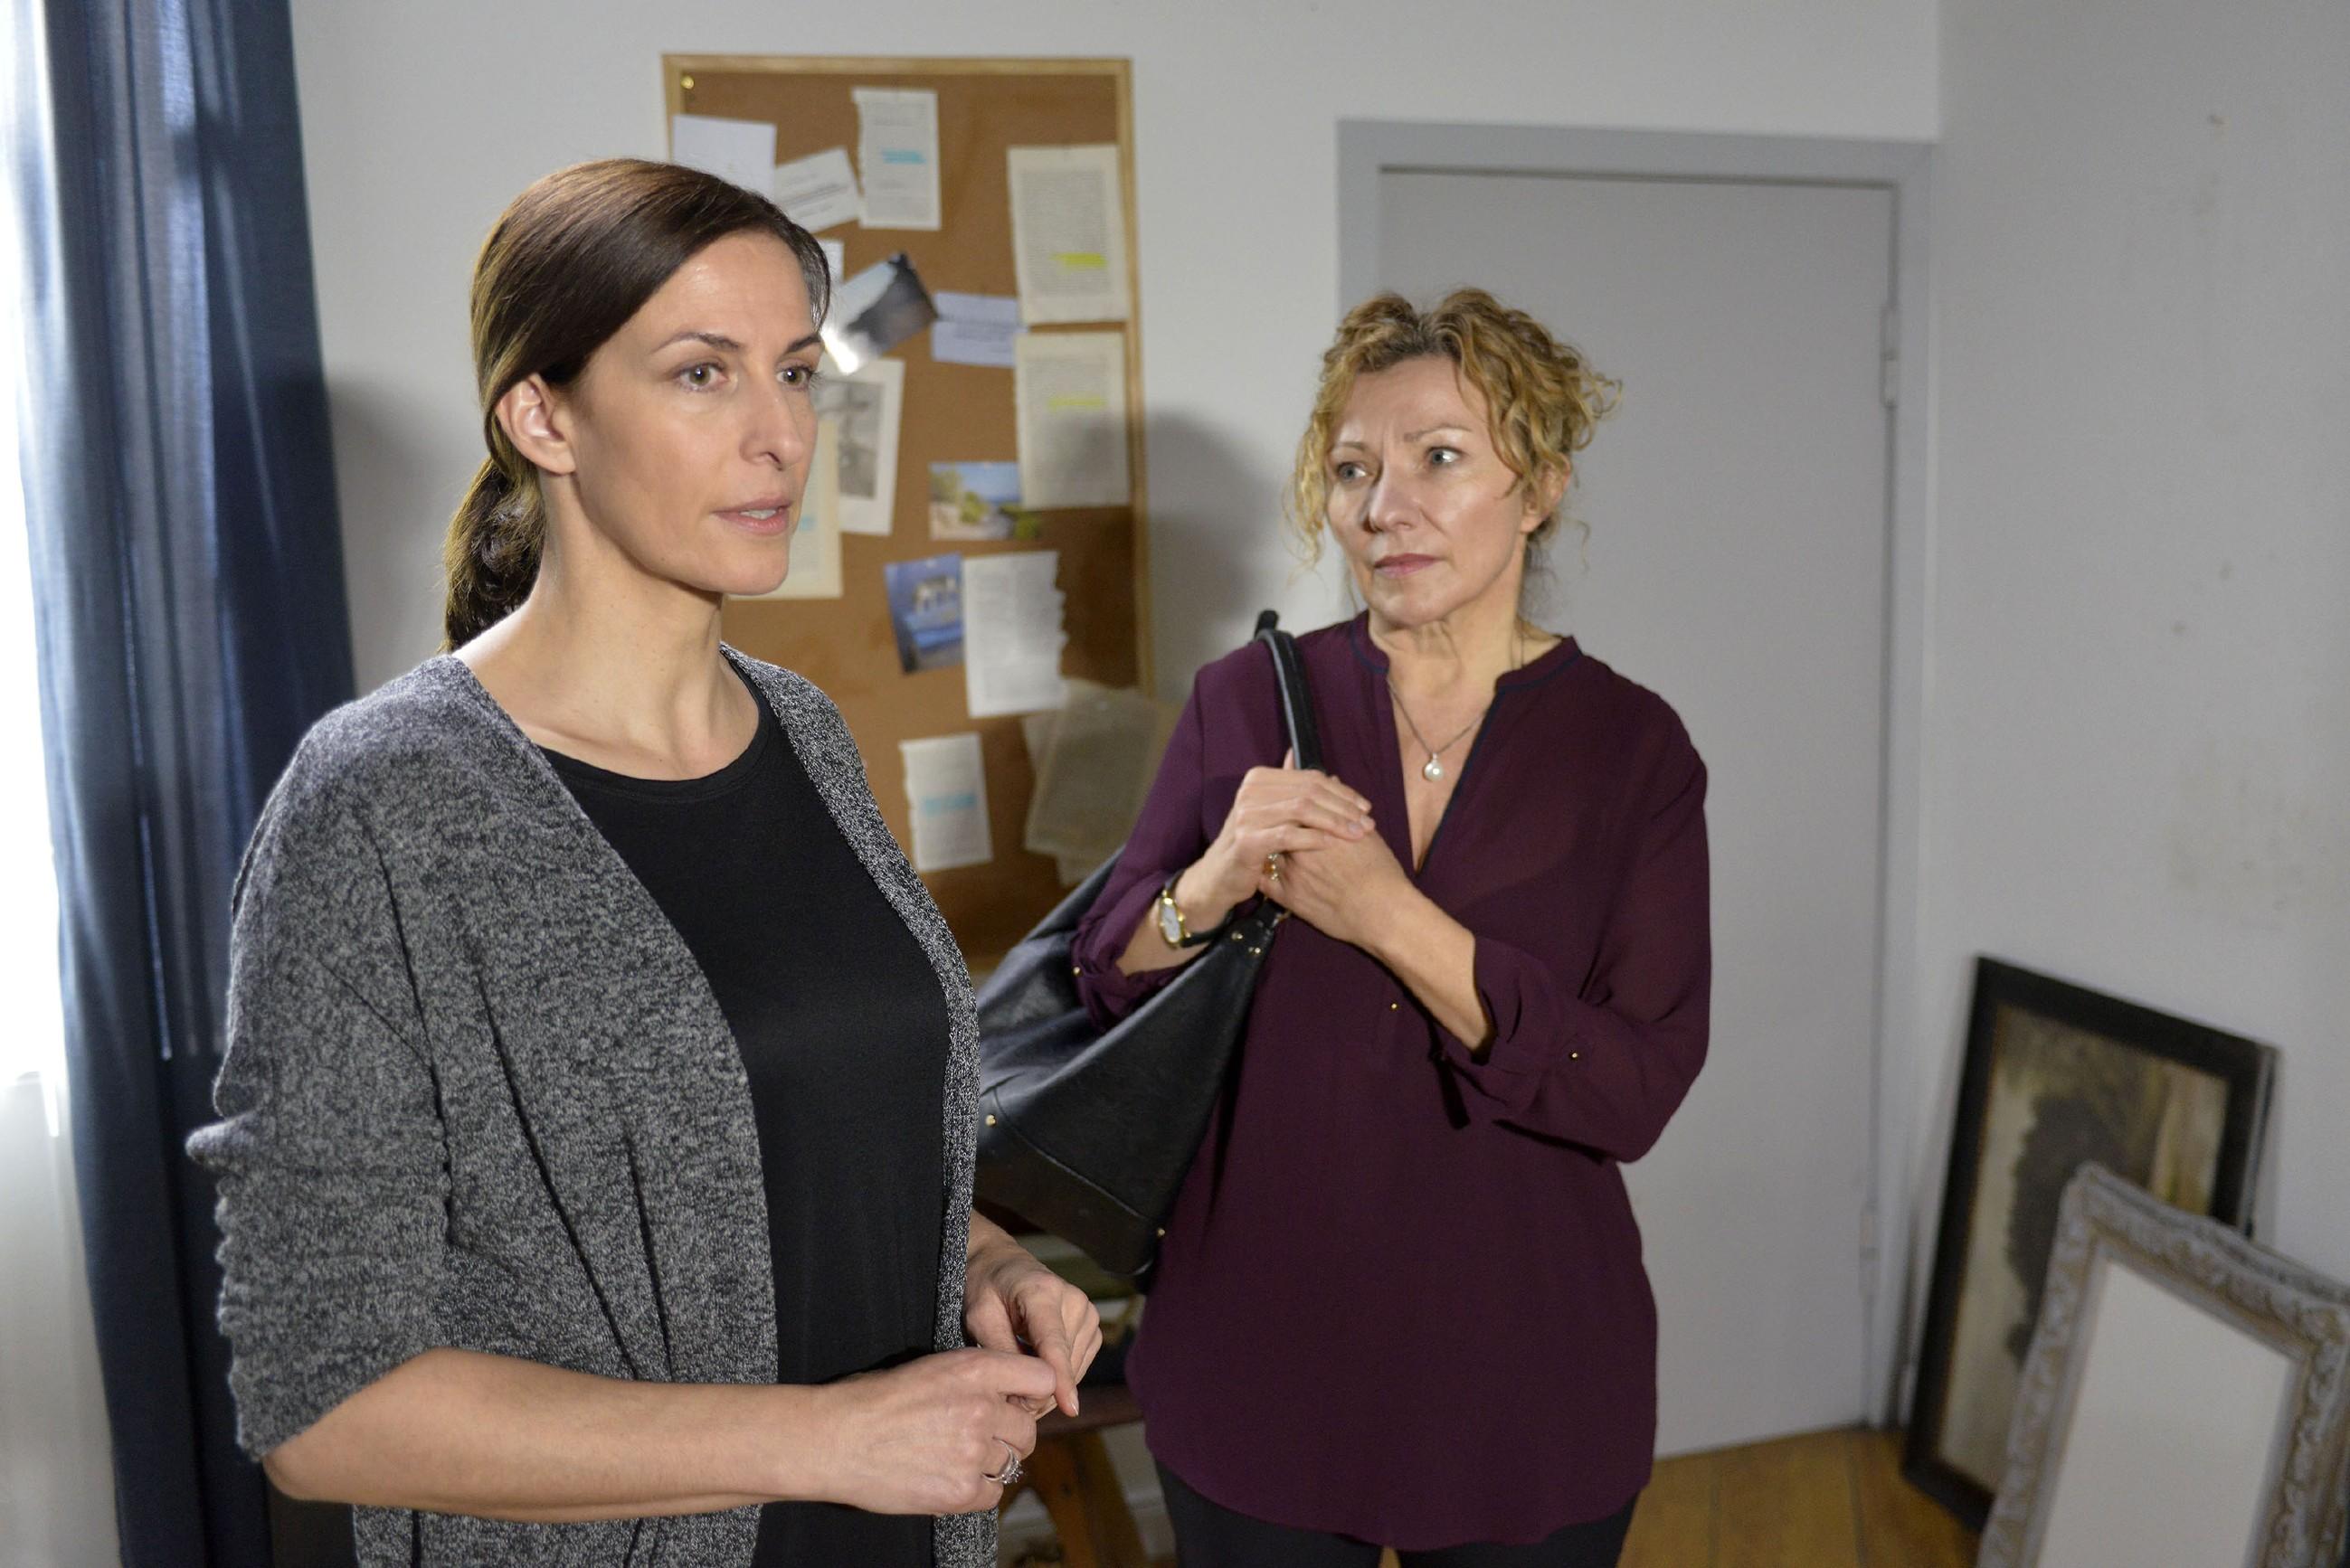 Katrin (Ulrike Frank, l.) versteht sich mit Tills Mutter Sibylle (Heike Thiem Schneider) überraschend gut - bis Katrin ihr von ihren Plänen erzählt... (Foto: RTL / Rolf Baumgartner)